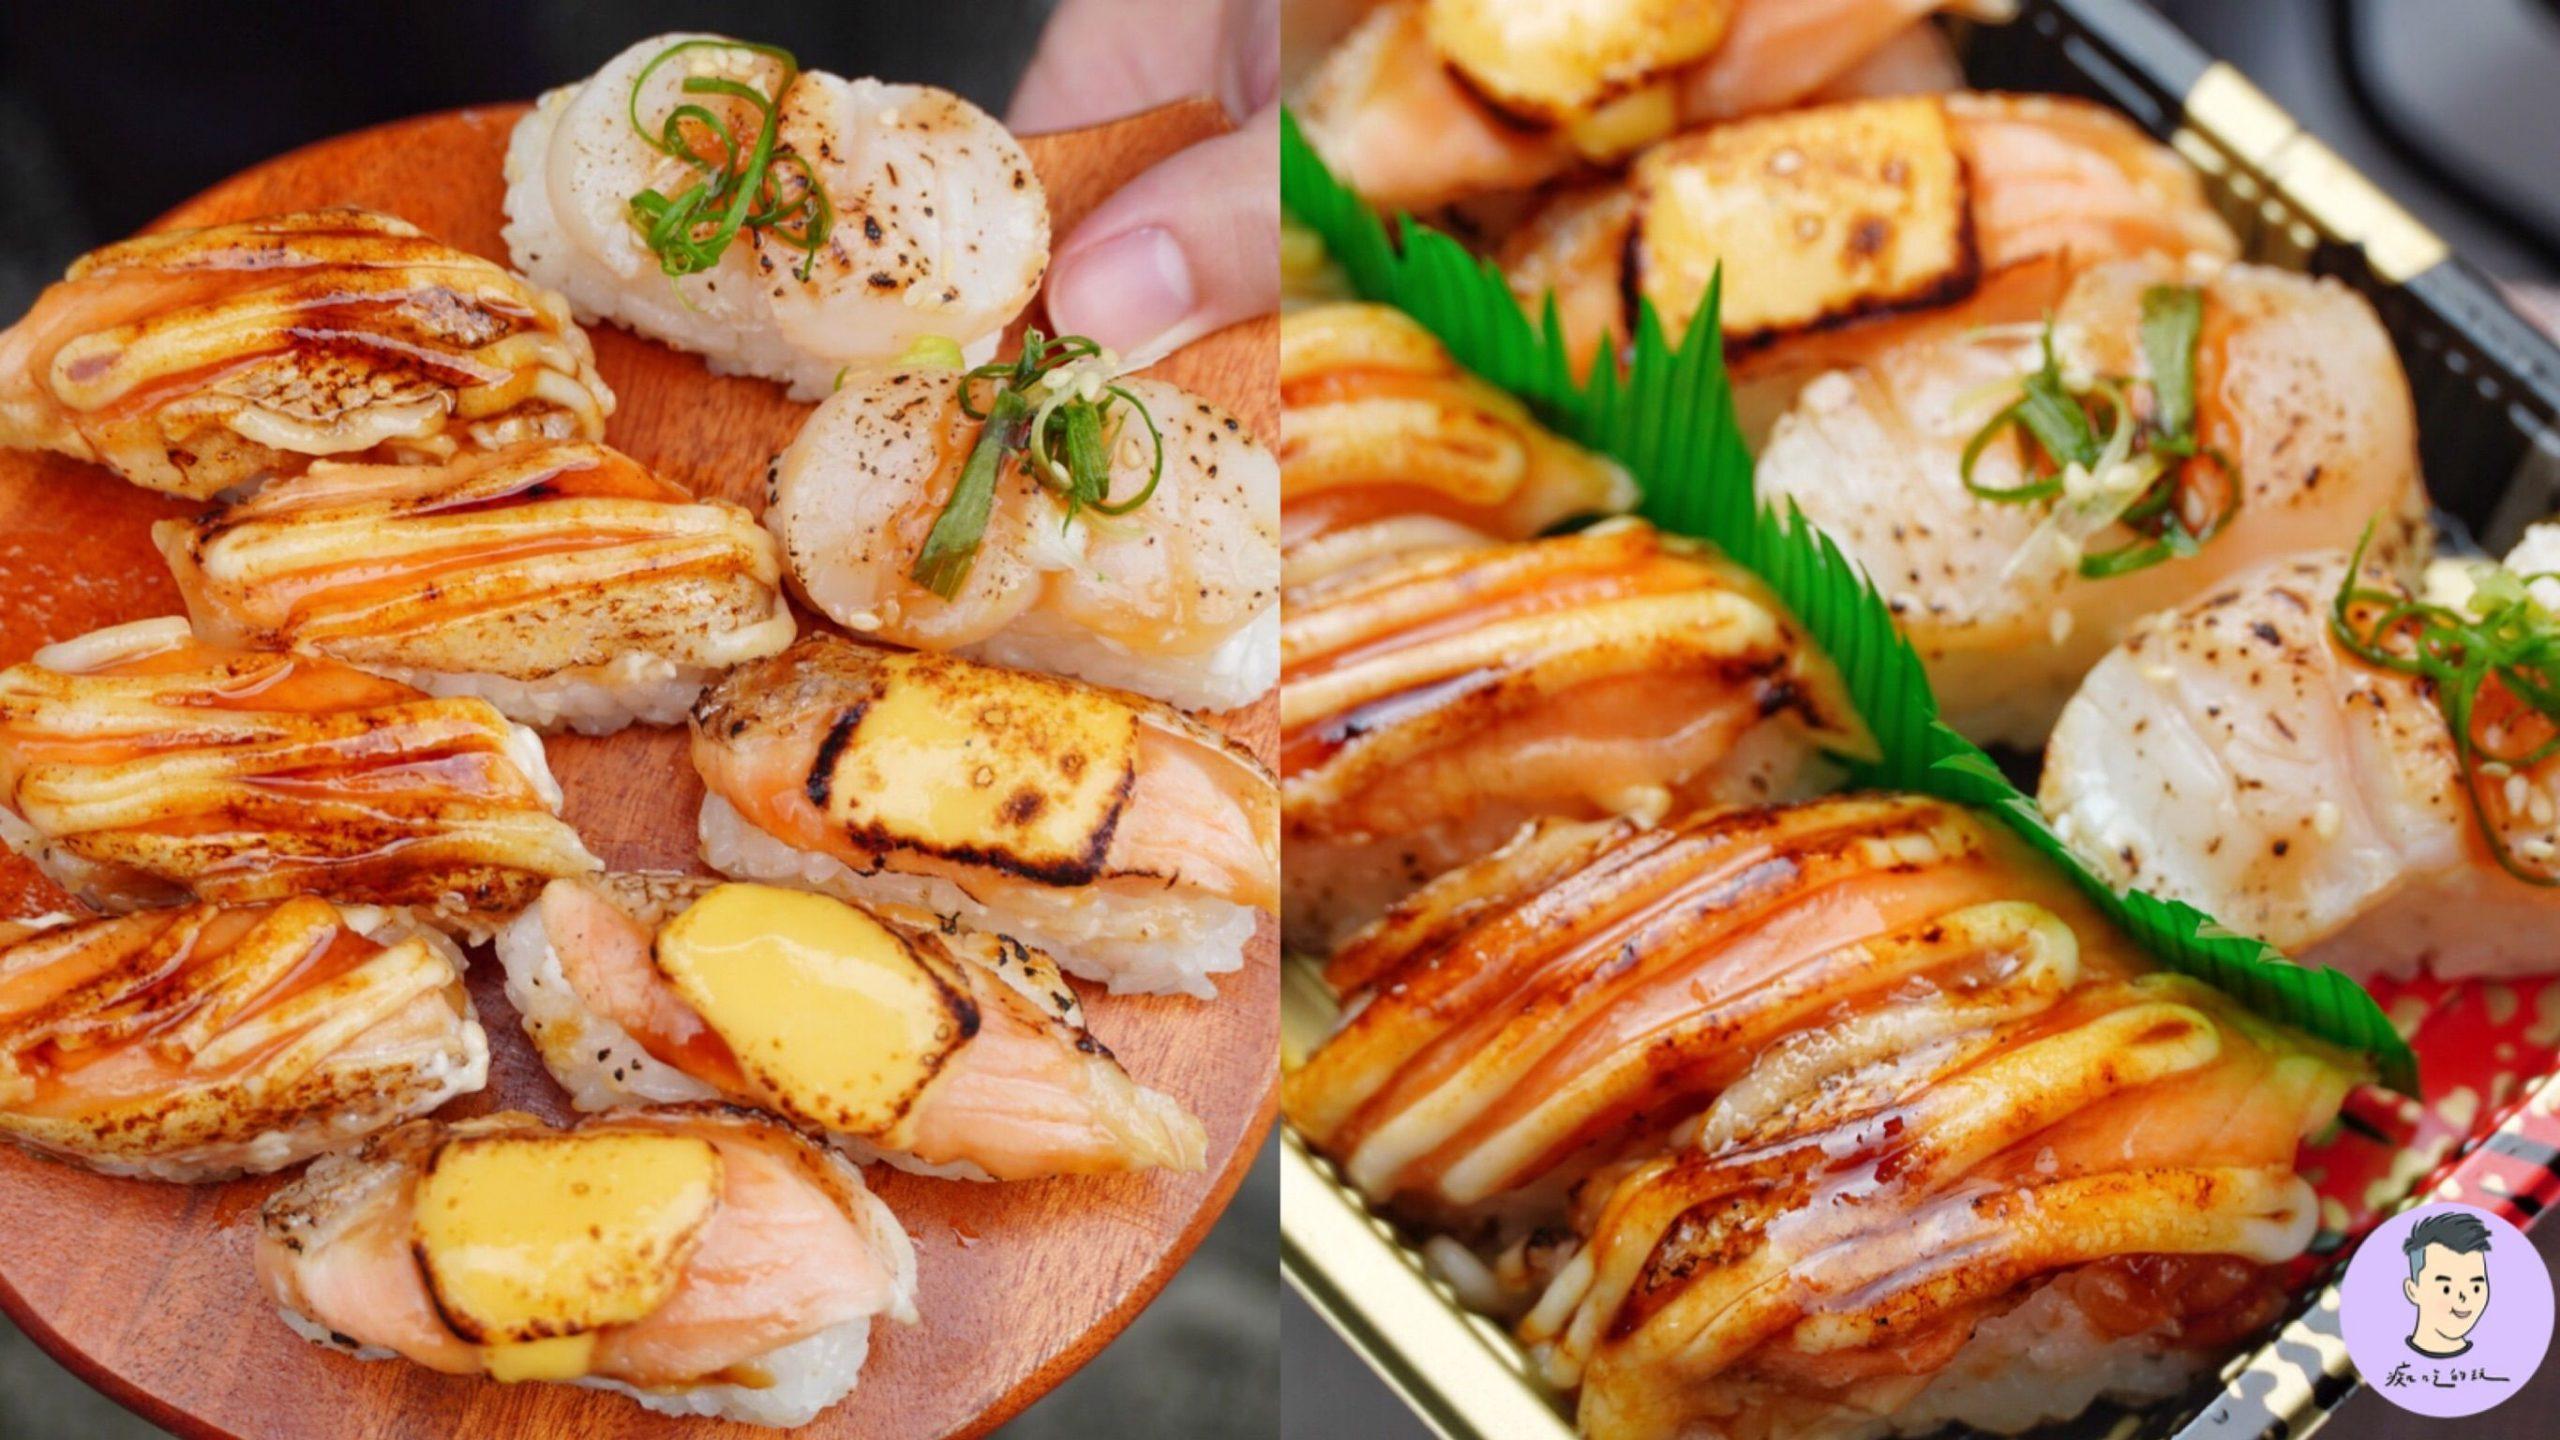 炙燒鮭魚只要13元銅板價!台南只有這裡才有賣 壽司超過30種選擇 也有丼飯喔 – 老虎10元壽司